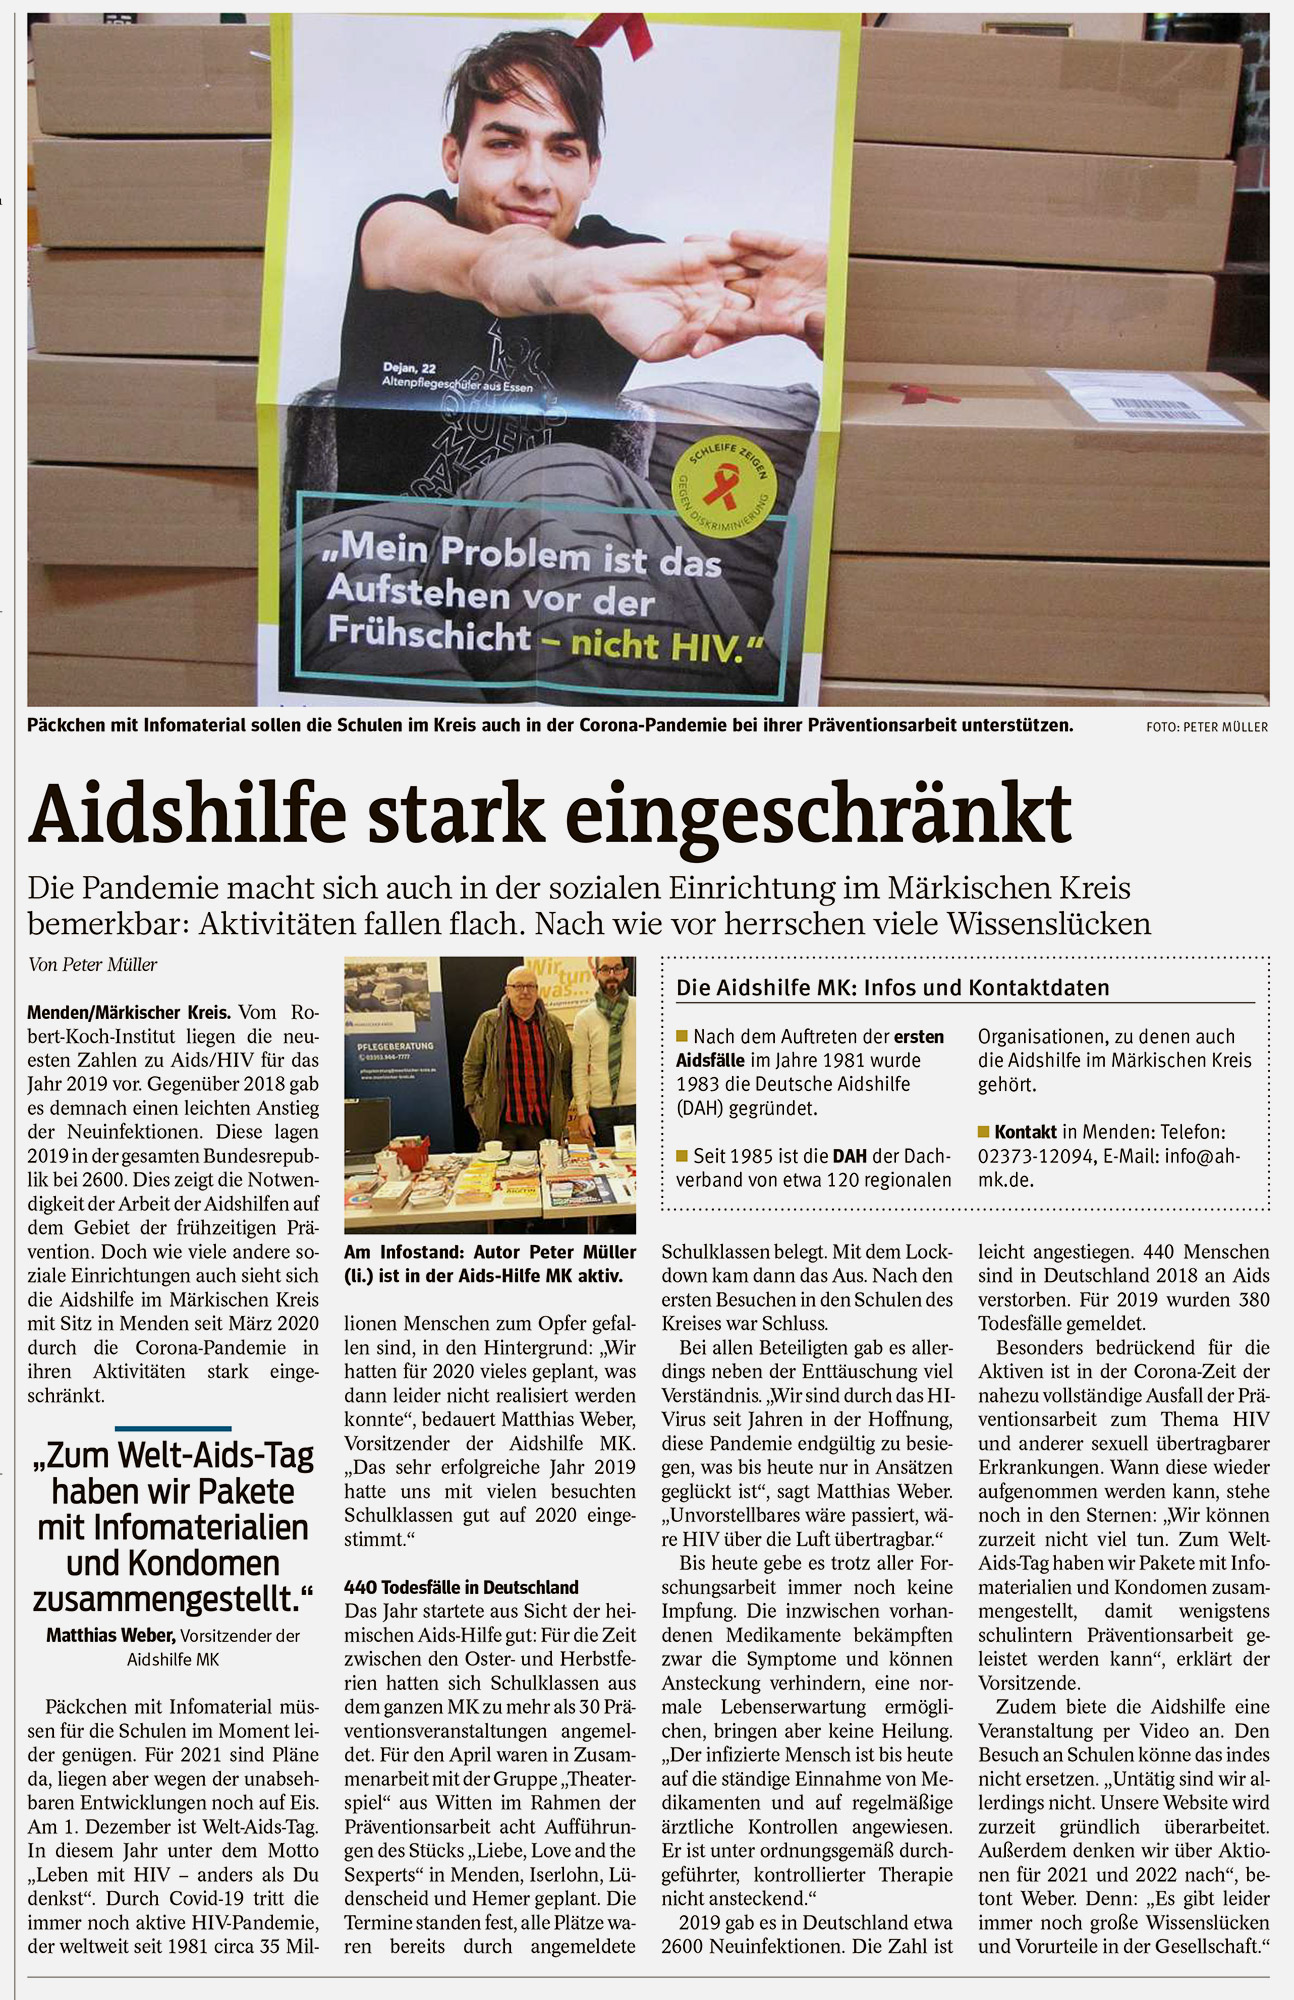 Artikel in der Westfalenpost Menden vom 01.12.2020